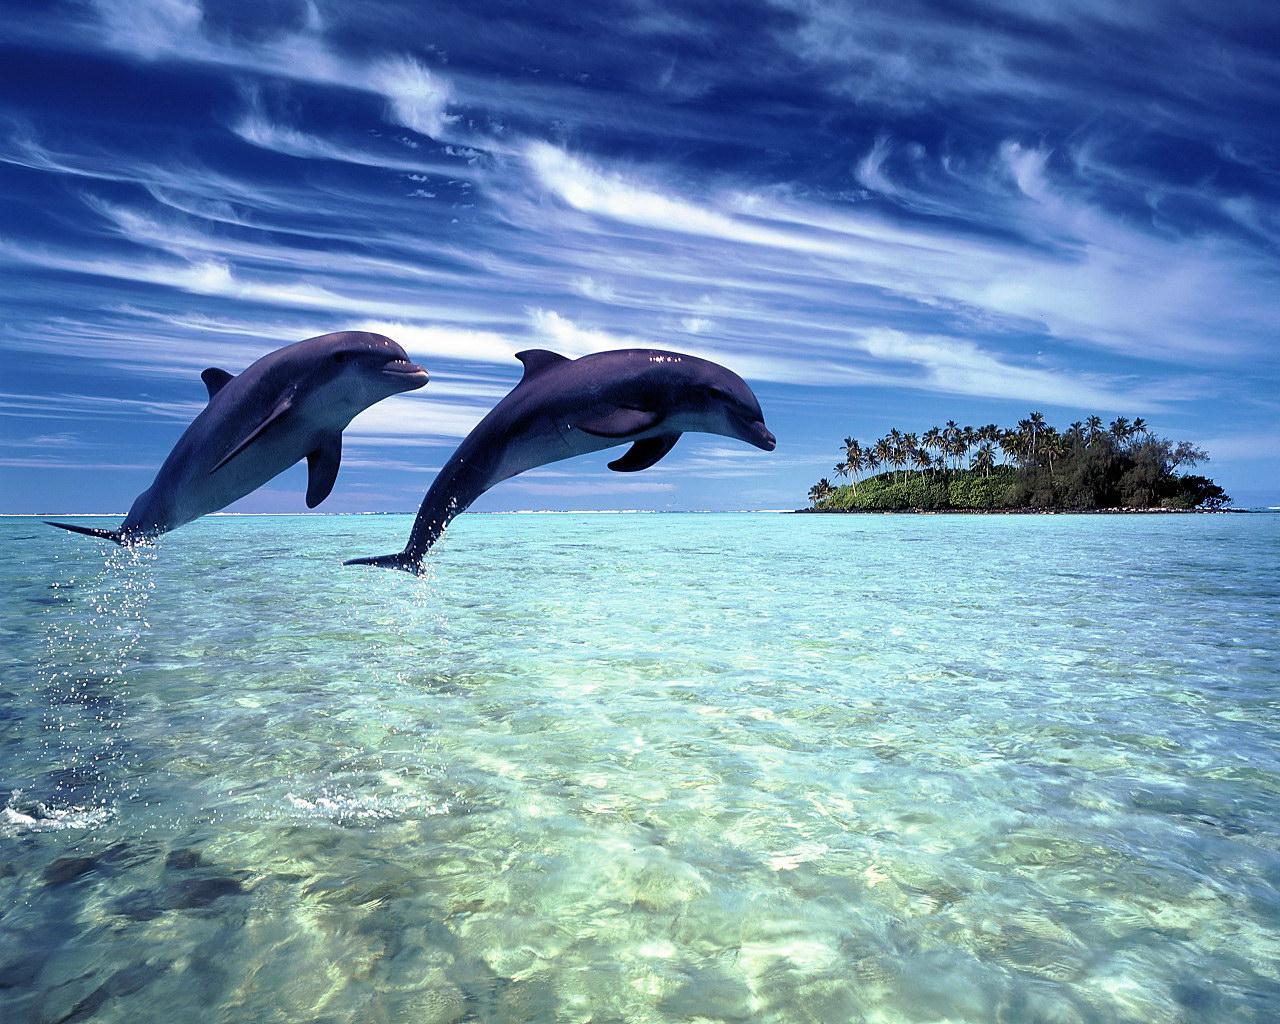 http://4.bp.blogspot.com/-t-xe8nwIY4E/T-lqJ8MIMXI/AAAAAAAAC9k/keLzyfQwY60/s1600/Dolphin+pictures.jpg